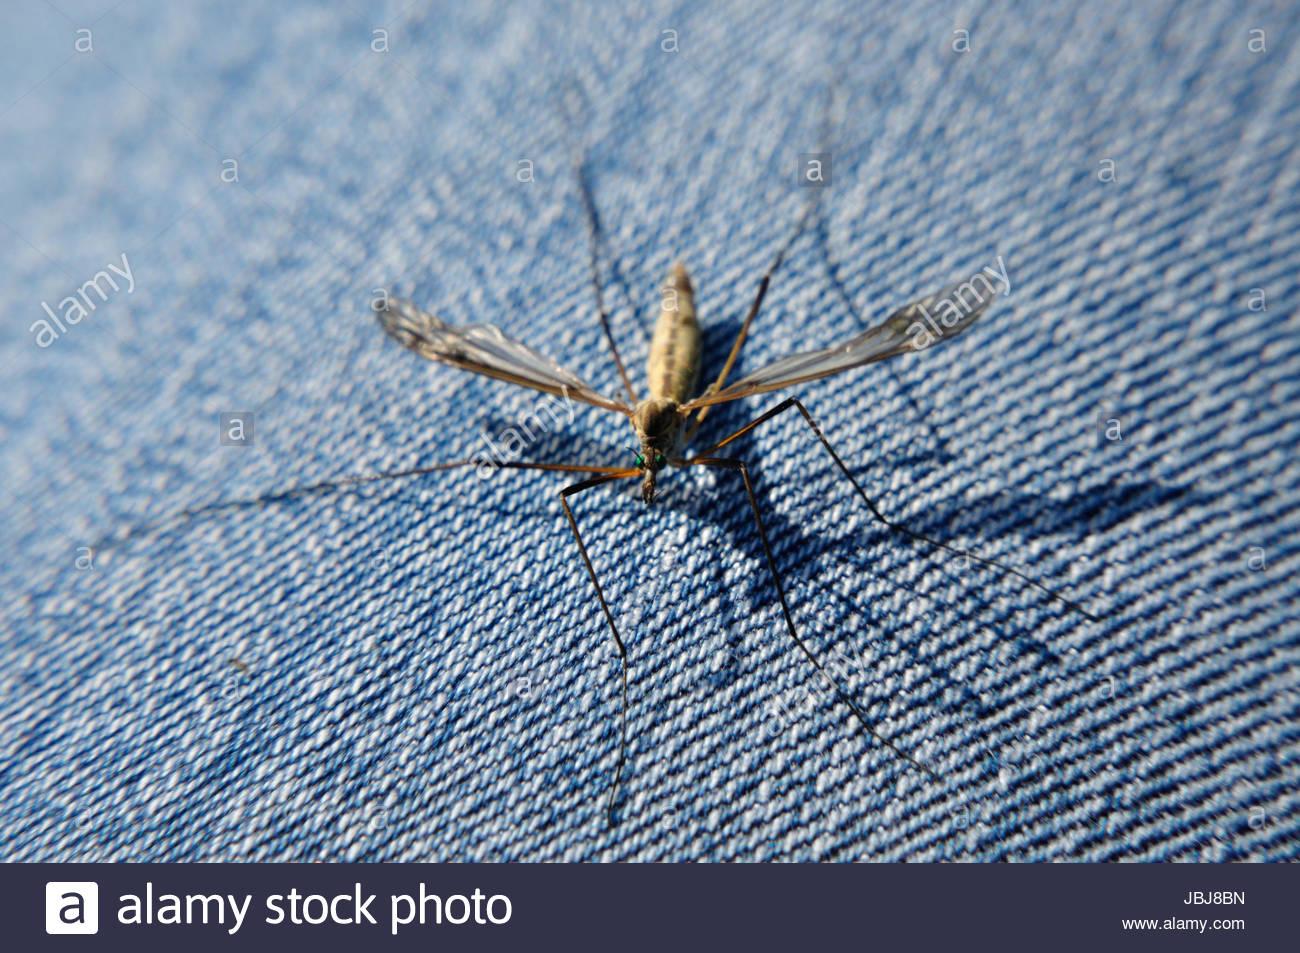 schnake tipula lunata sitzt auf einer jeans JBJ8BN